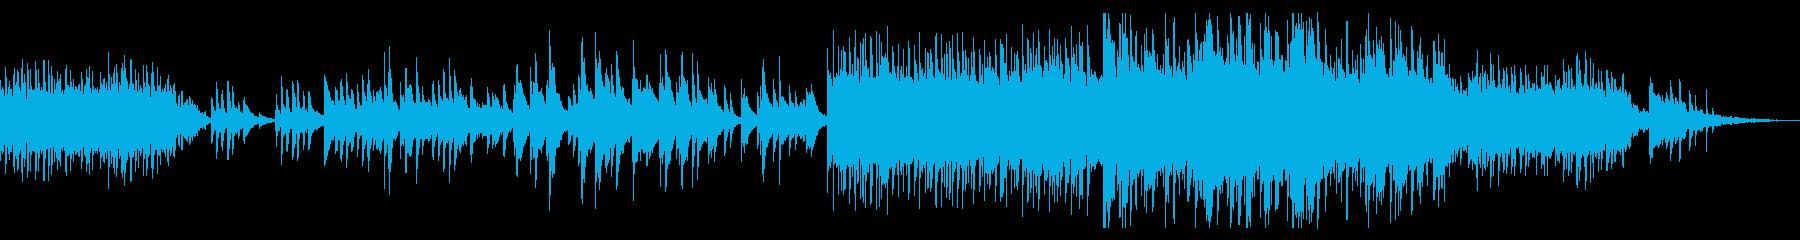 生演奏《ピアノとストリングスの感動曲》の再生済みの波形